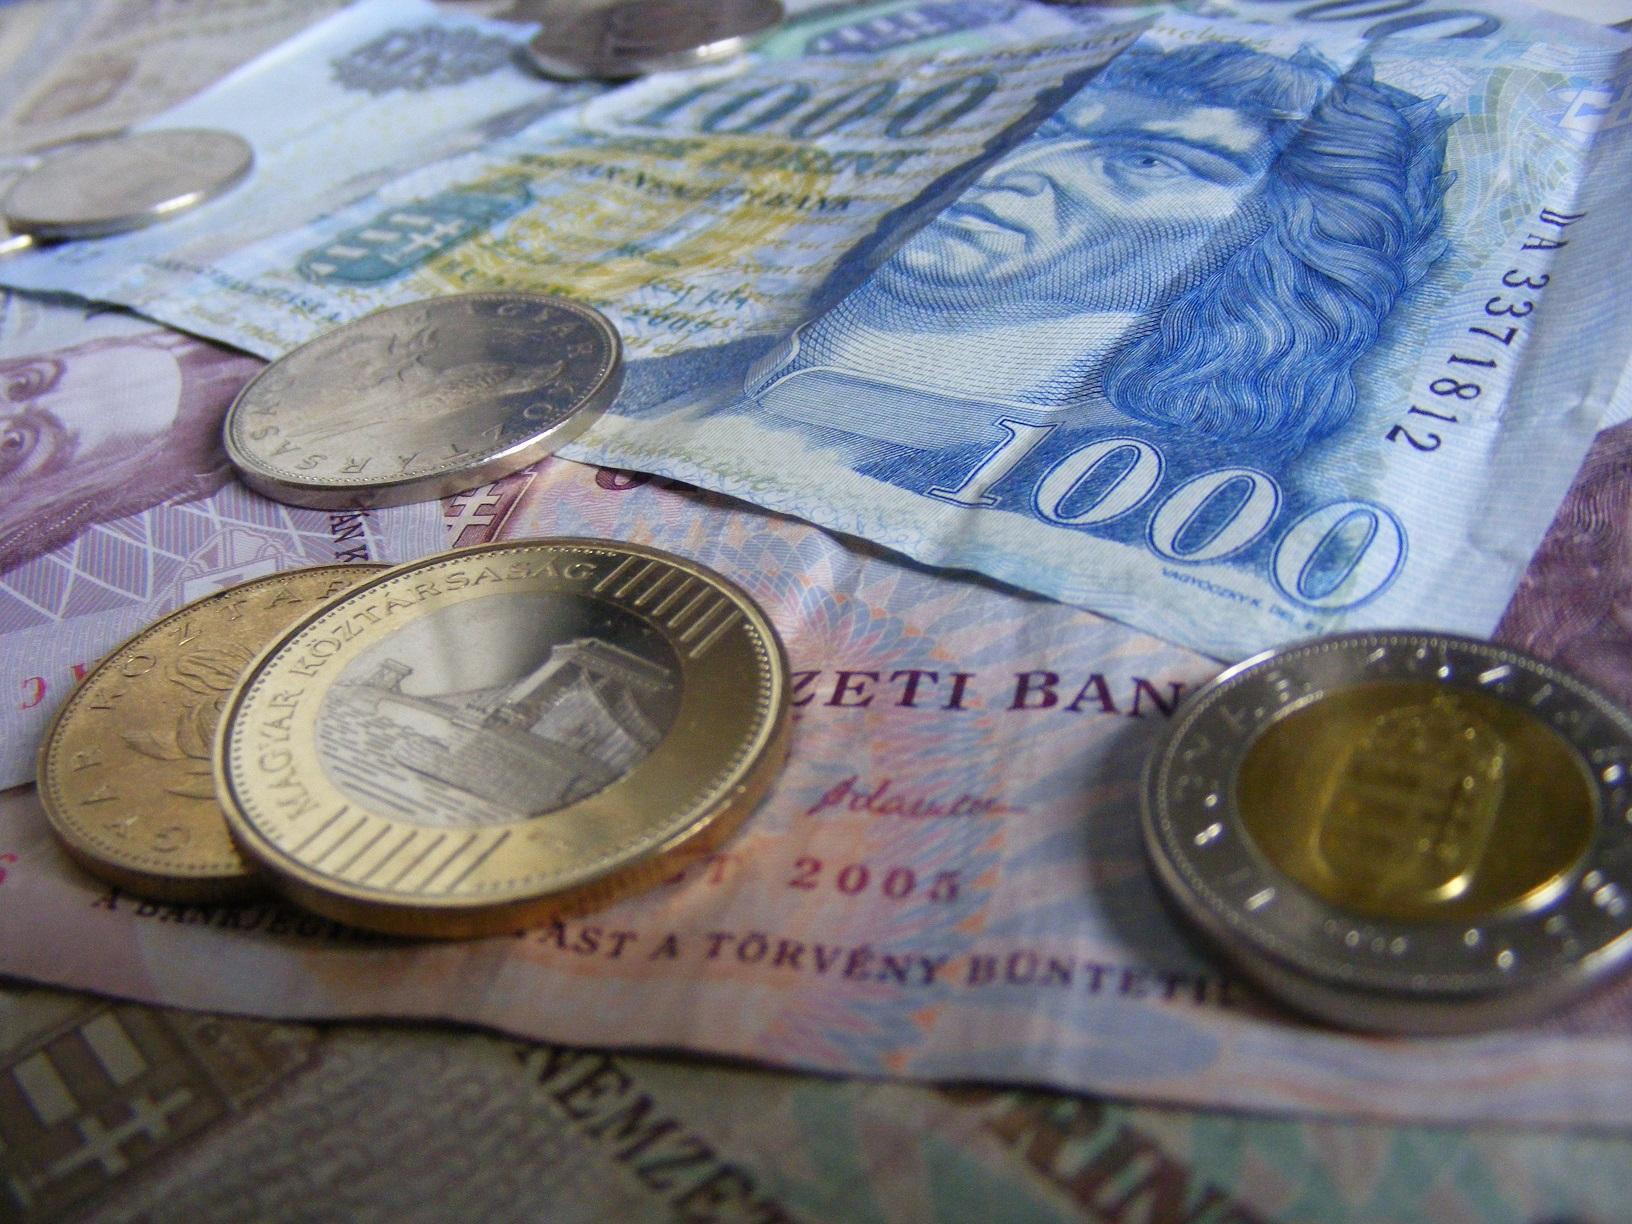 Przy wizycie na Węgrzech, zadbaj o lokalną walutę.